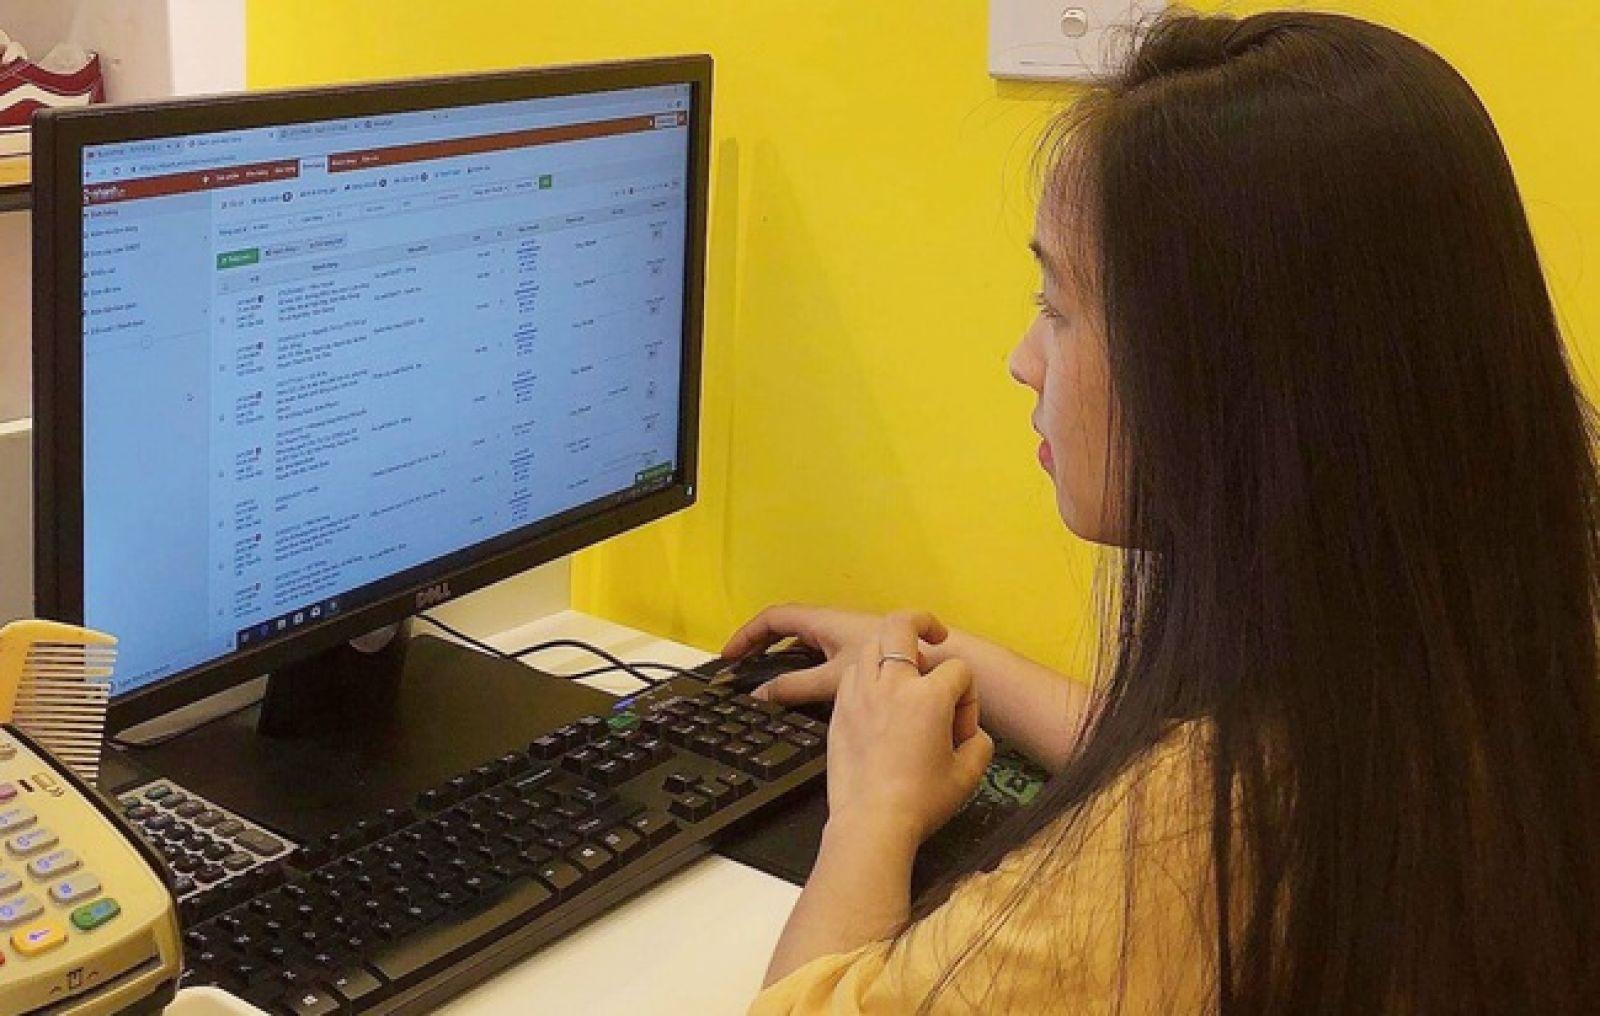 9x chia sẻ bí quyết bán hàng online: Sáng nhân viên văn phòng, tối làm thêm có tháng thu nhập tới 30 triệu đồng - Ảnh 3.